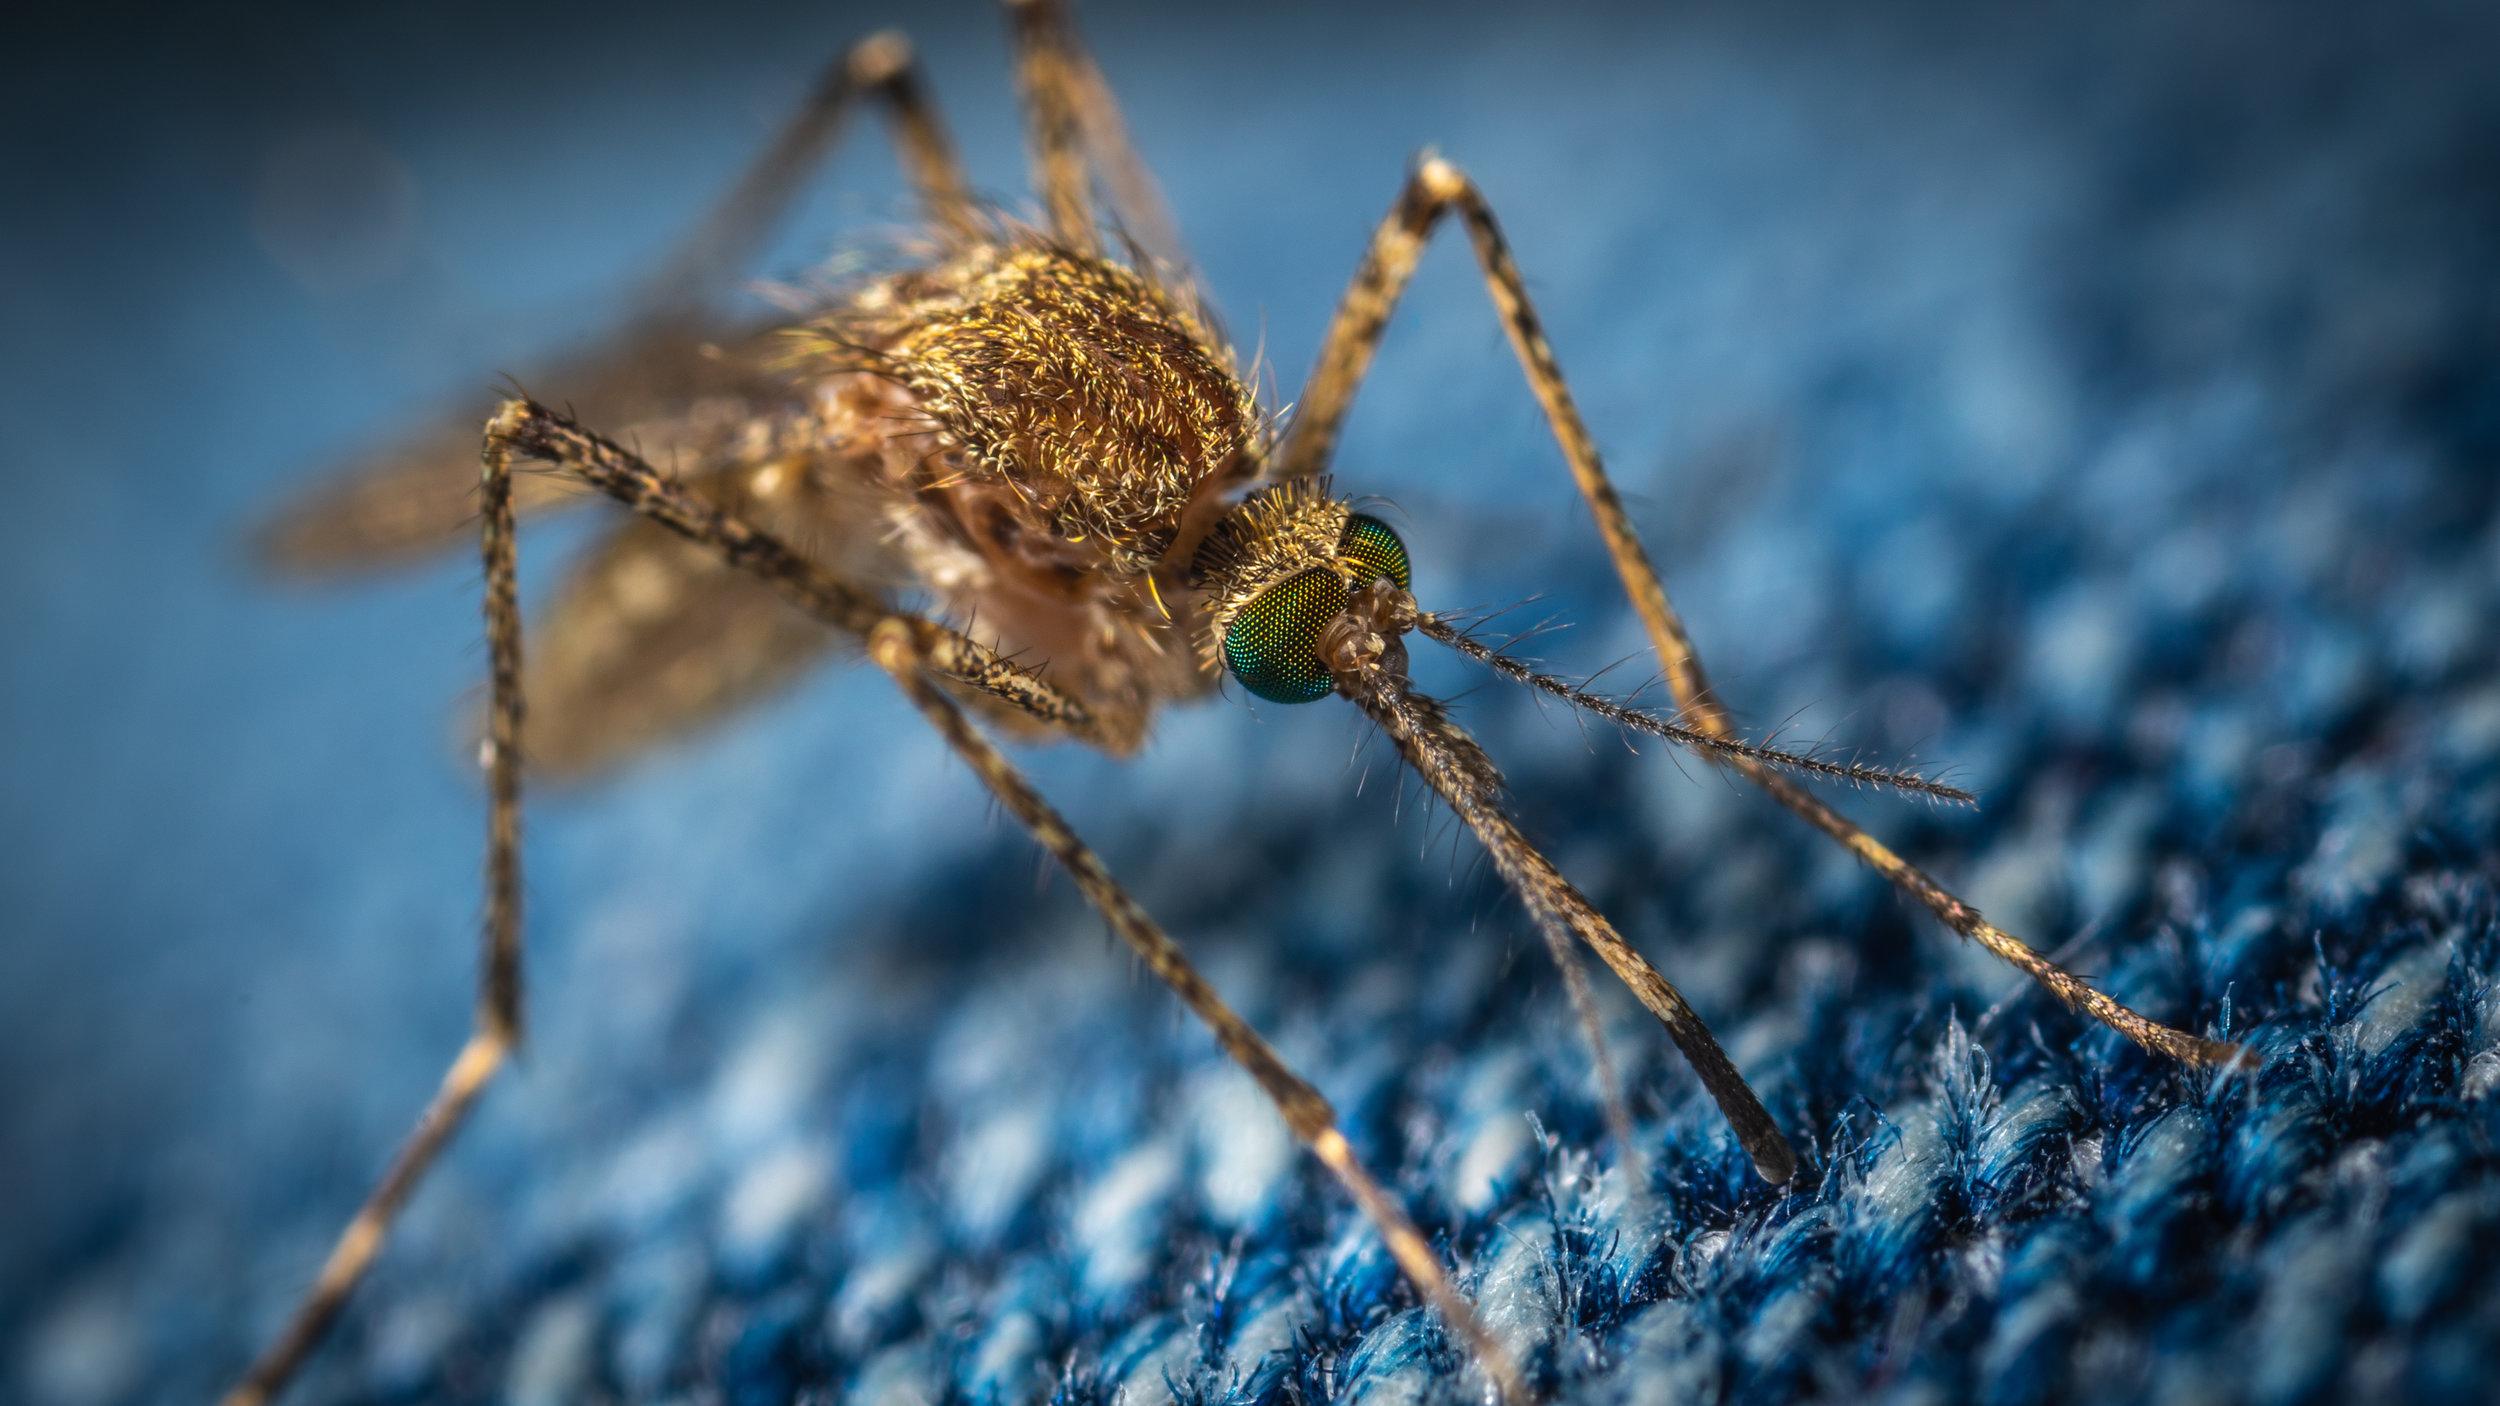 Samice večine vrst komarjev potrebujejo kri za razmnoževanje. Foto: Unsplash